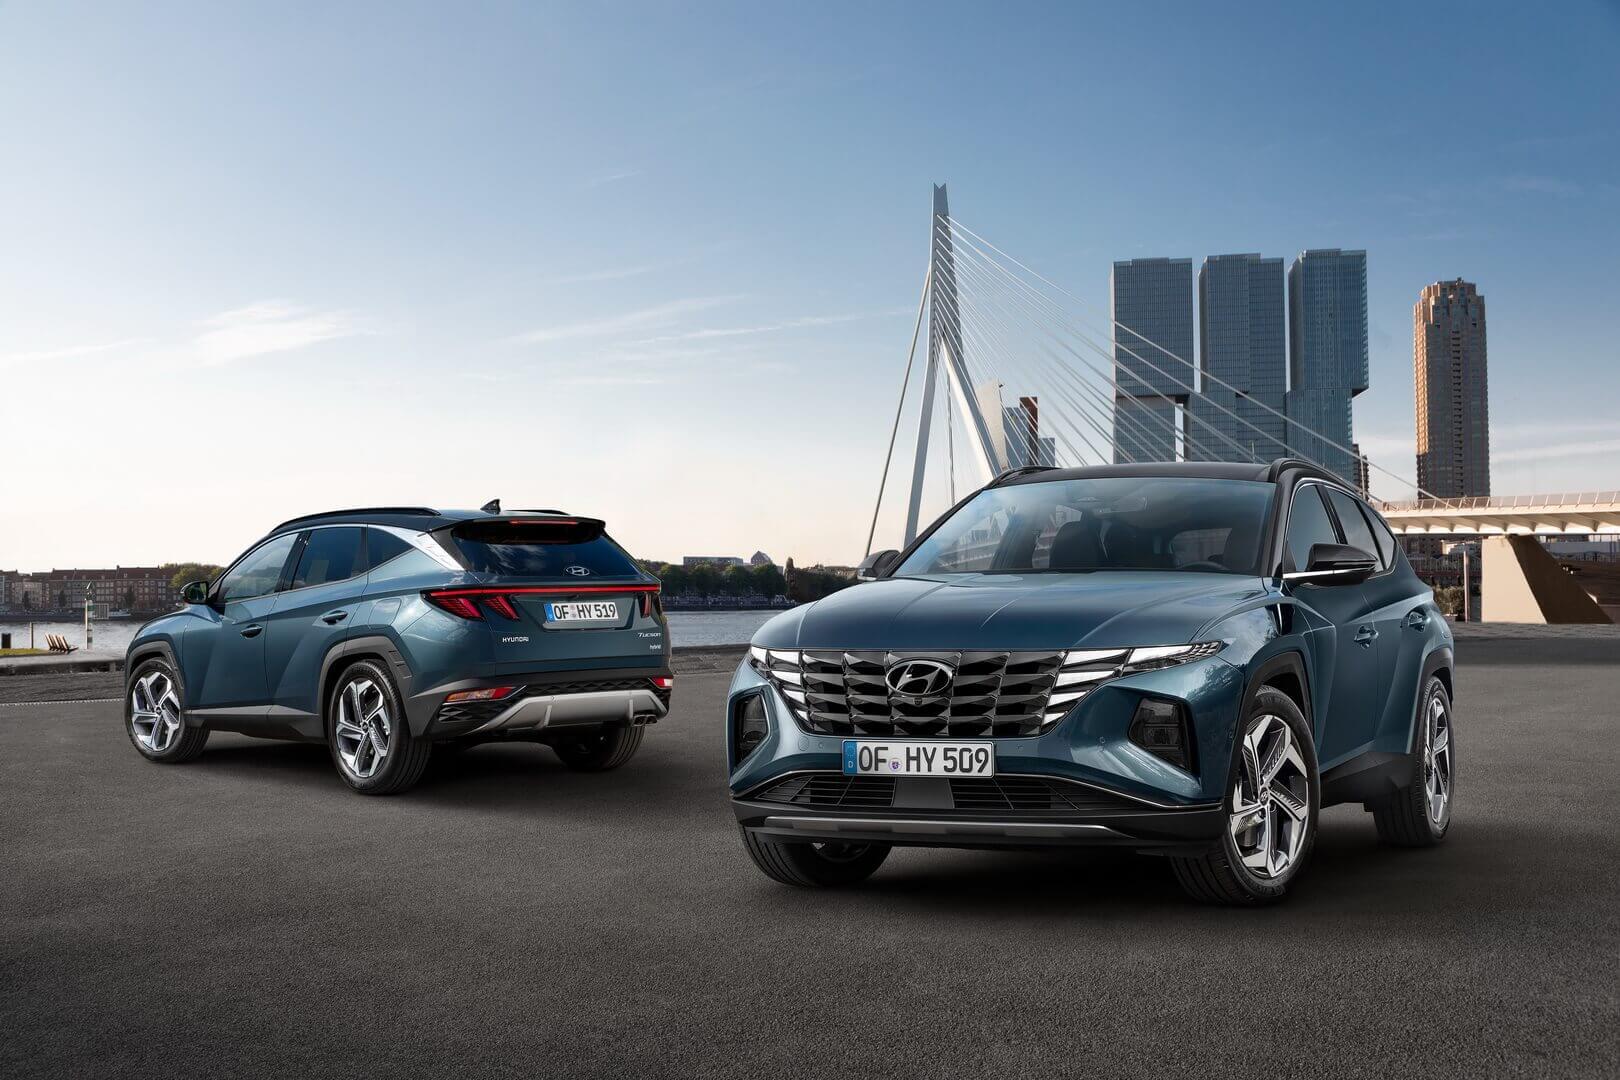 Hyundai Tucson 4-го покоління пропонує саму електрифіковану лінійку силових агрегатів в сегменті компактних позашляховиків